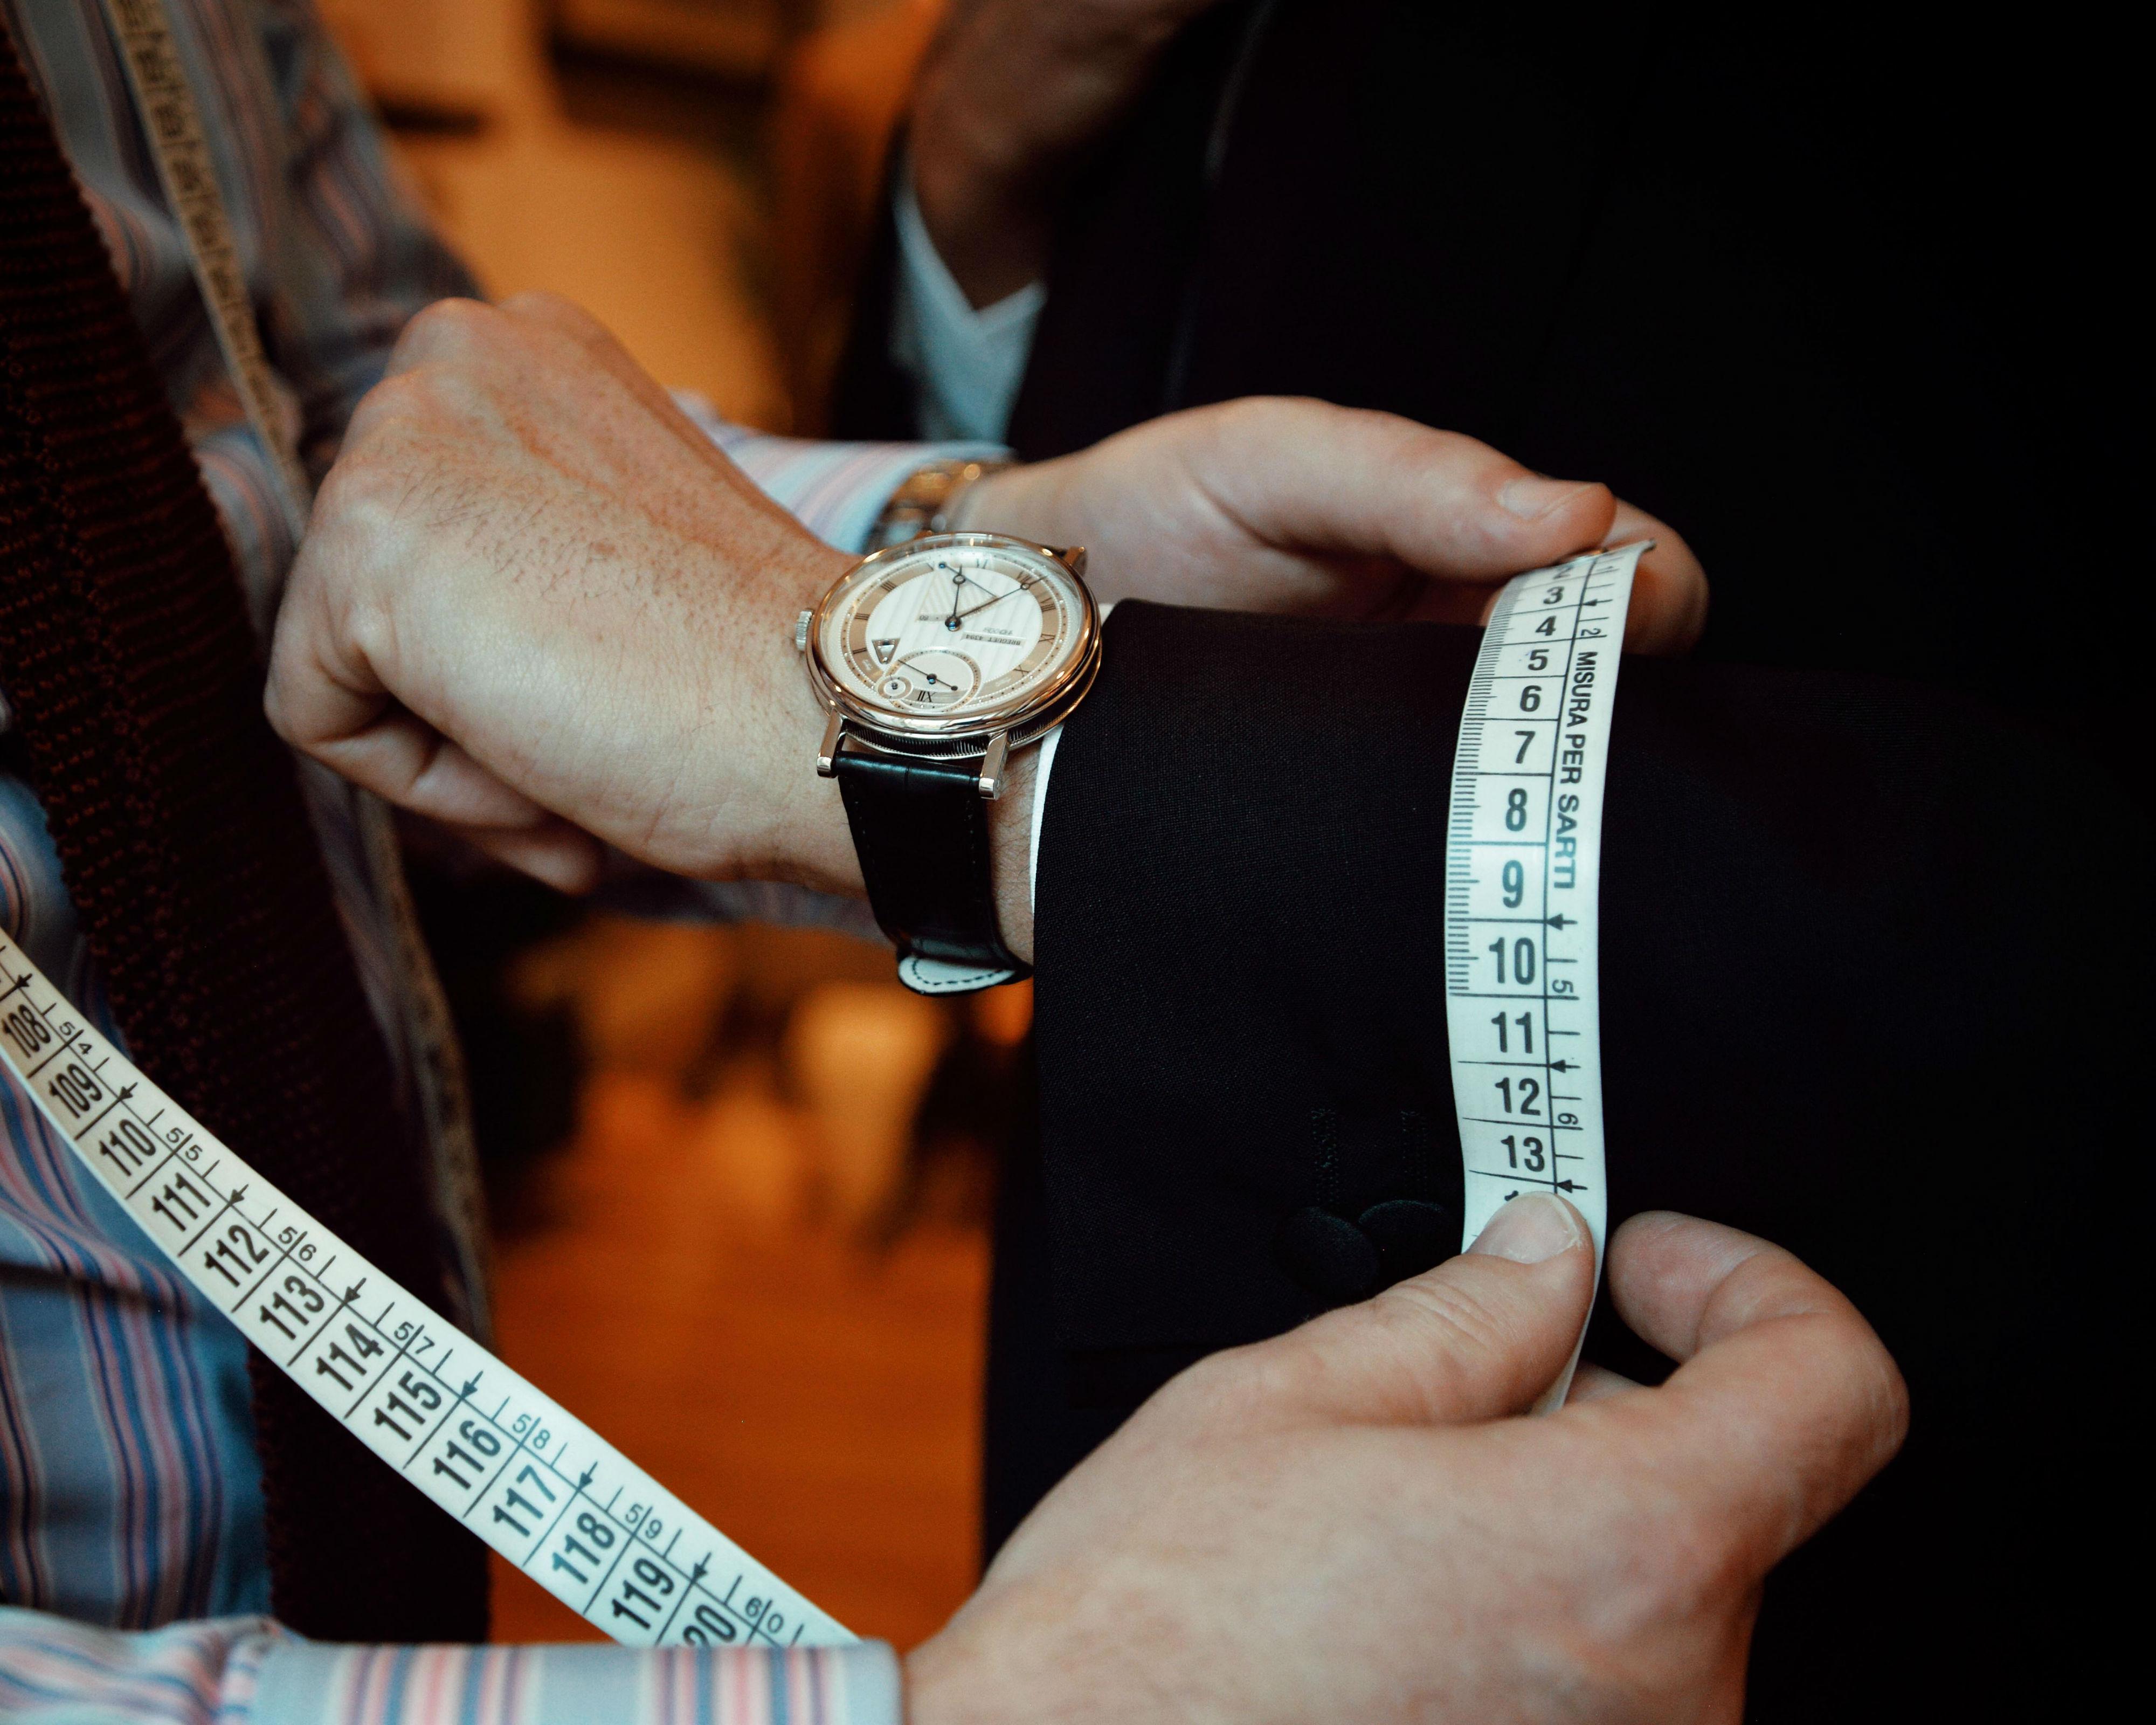 Breguet Classic Tour: Nella foto il segnatempo Breguet Classique Chronométrie 7727 e un completo bespoke realizzato dalla Sartoria Prata & Mastrale di Milano.